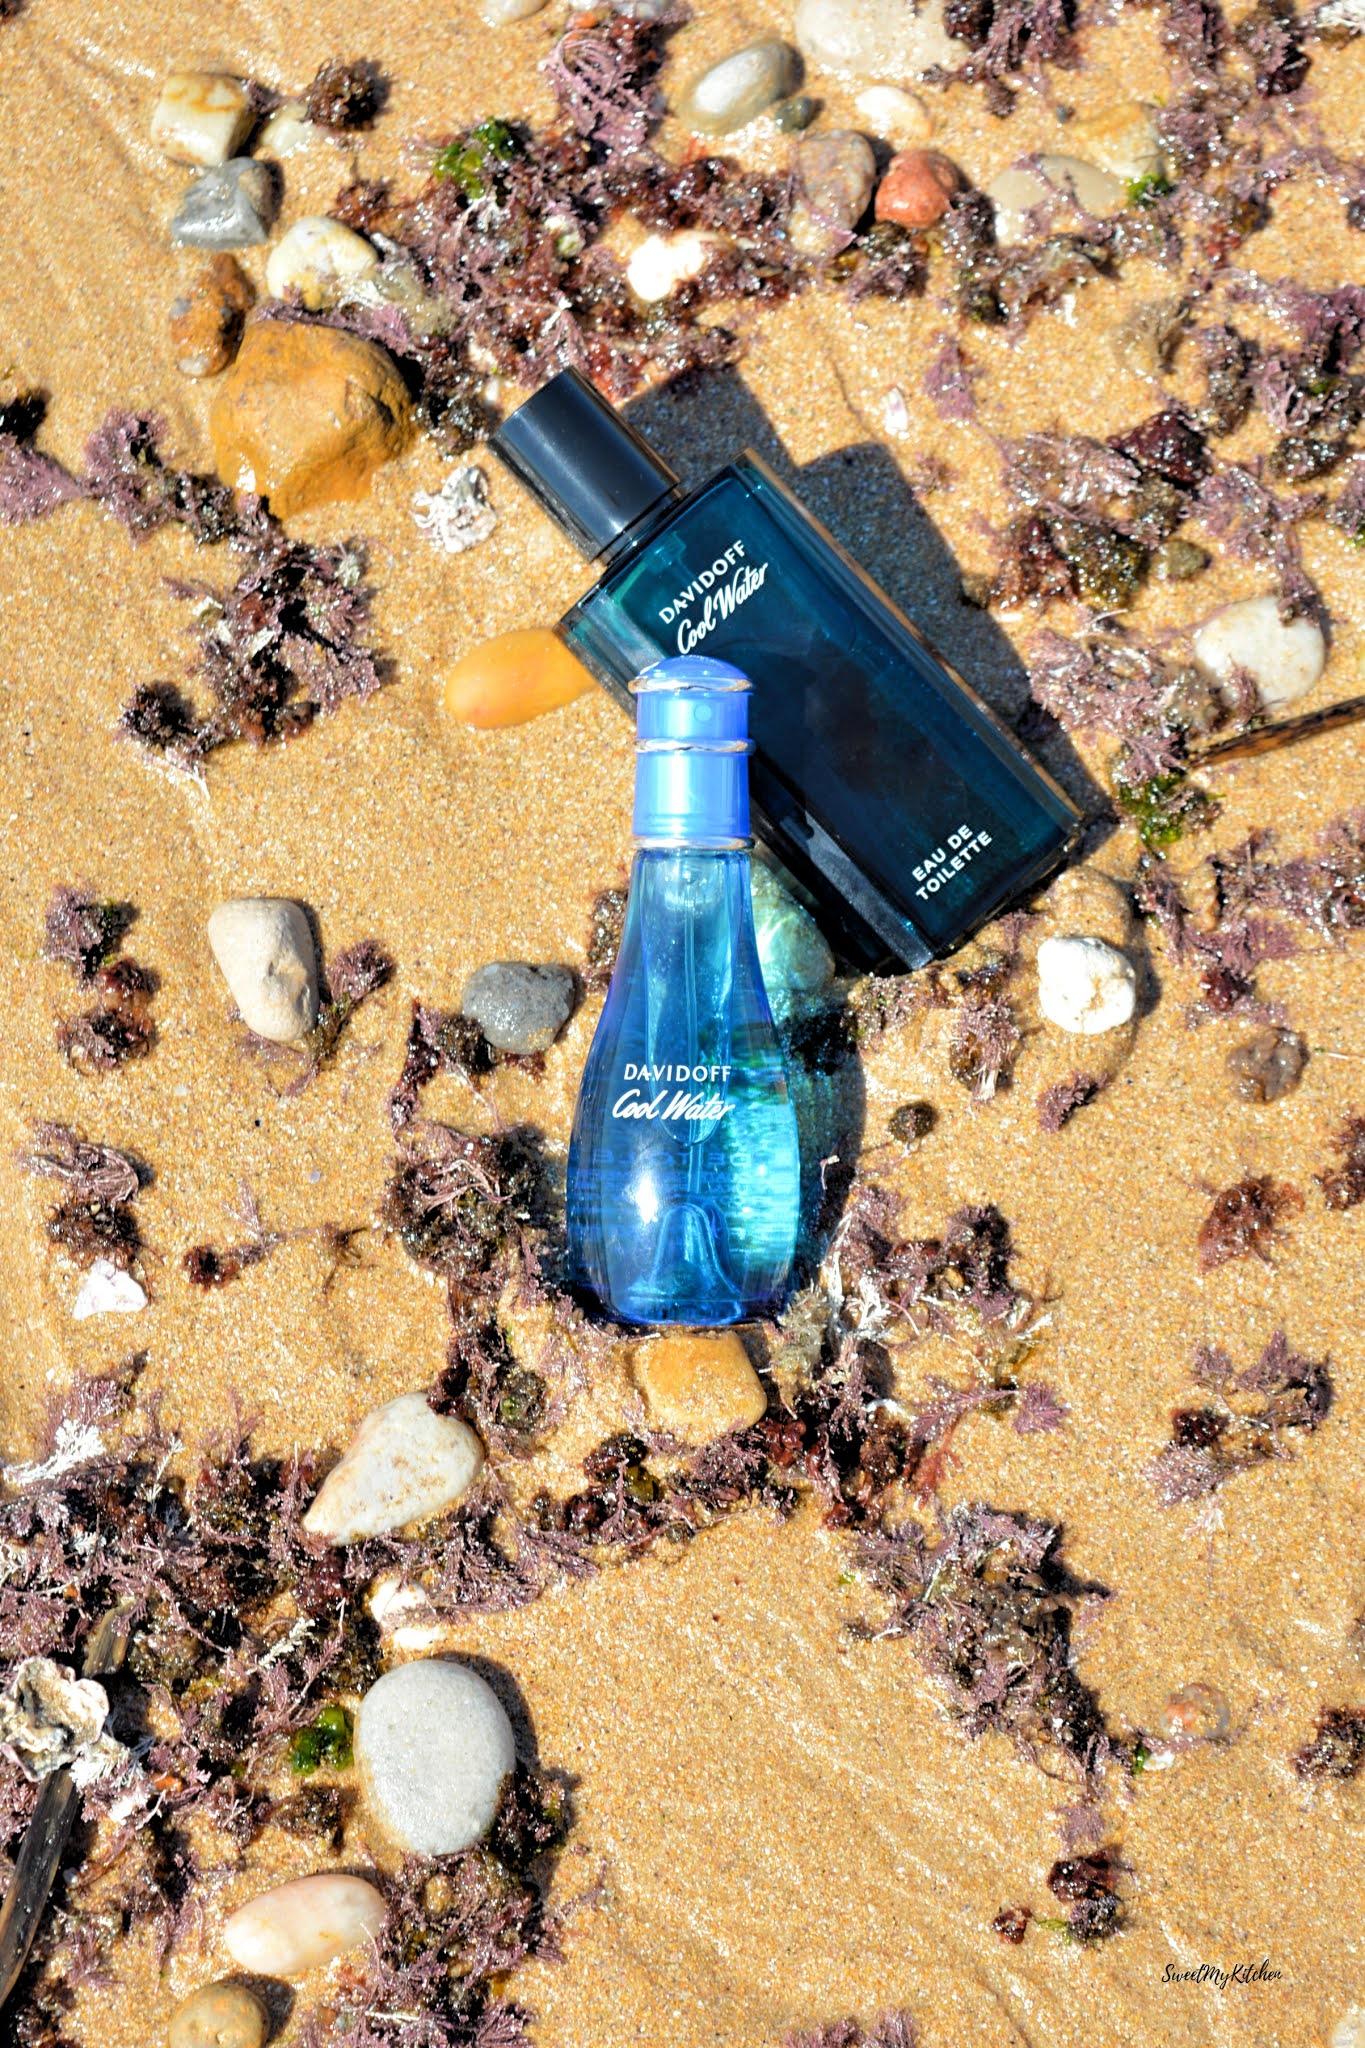 Davidoff Cool water summer review